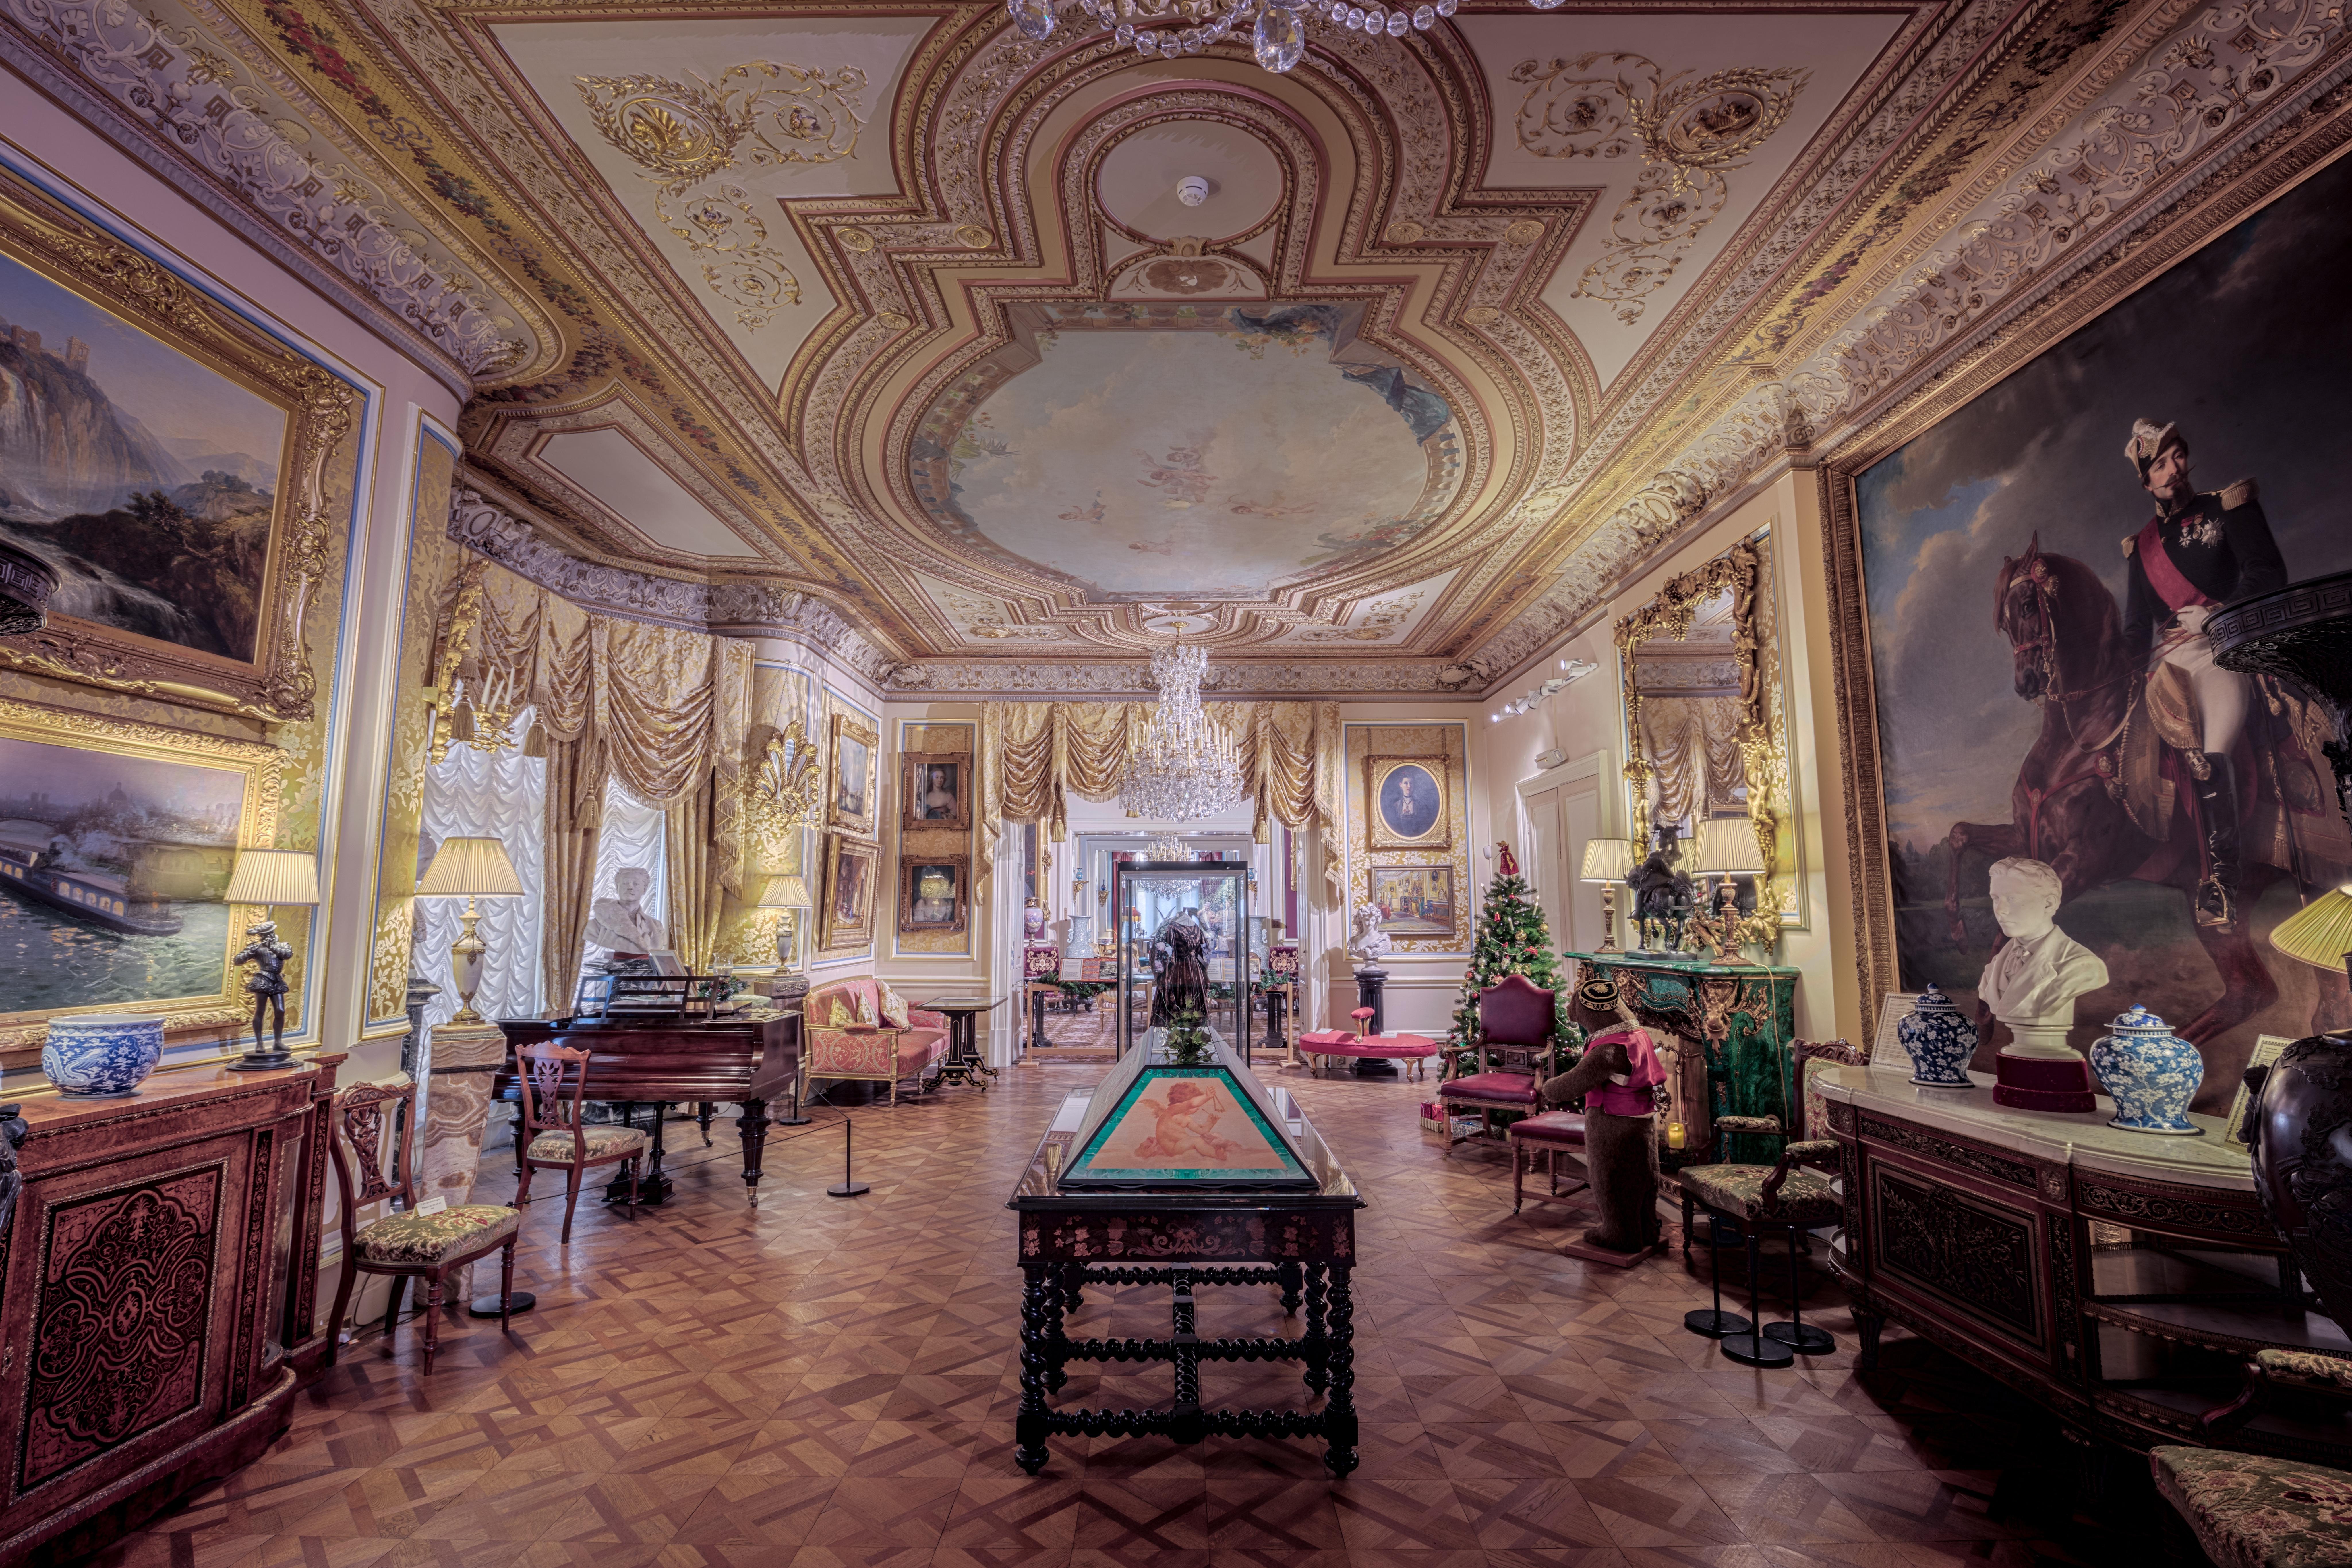 Innenarchitektur Geschichte kostenlose foto villa gebäude palast kapelle innenarchitektur